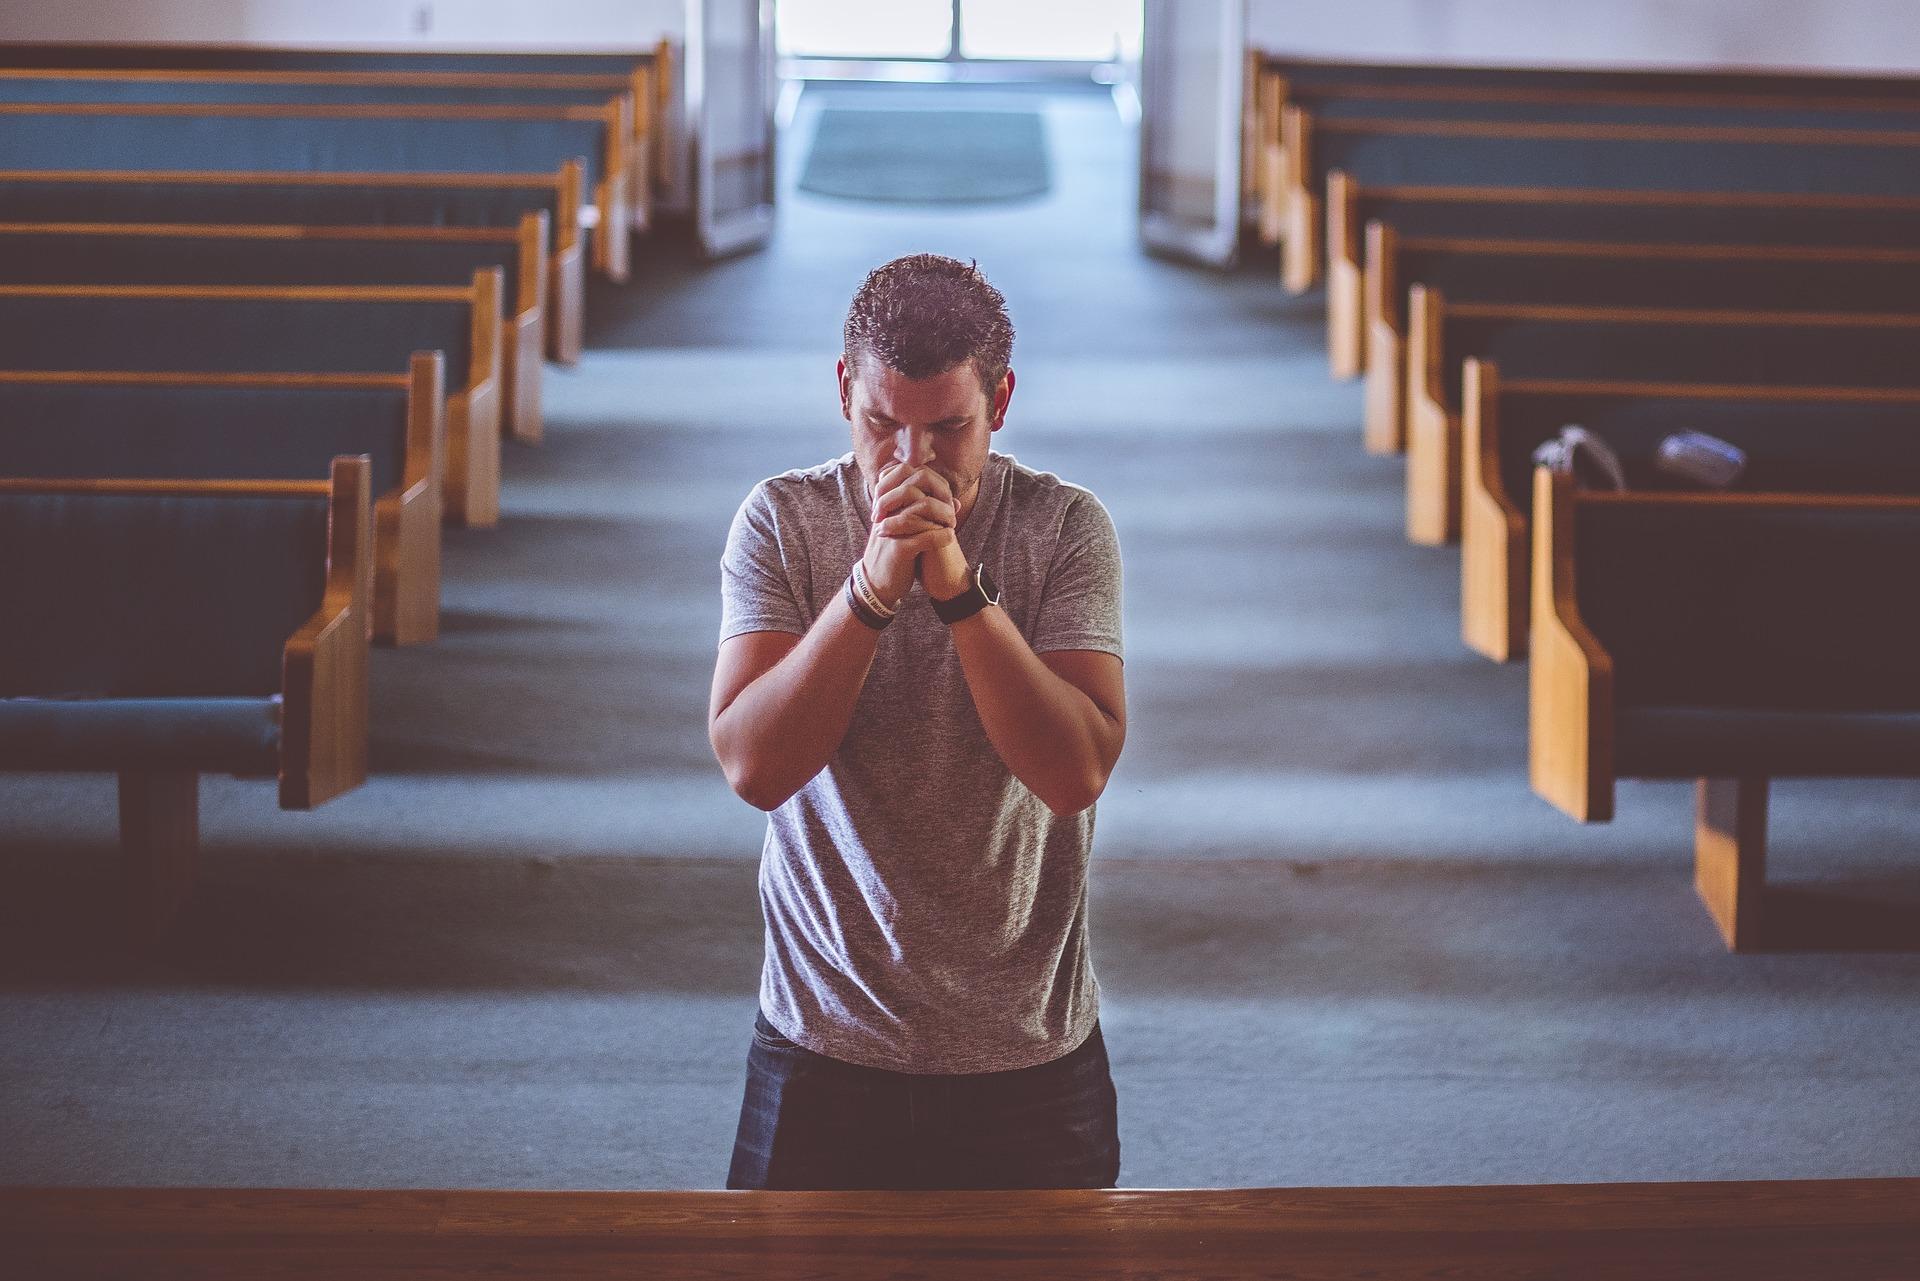 praying-2179326_1920.jpg